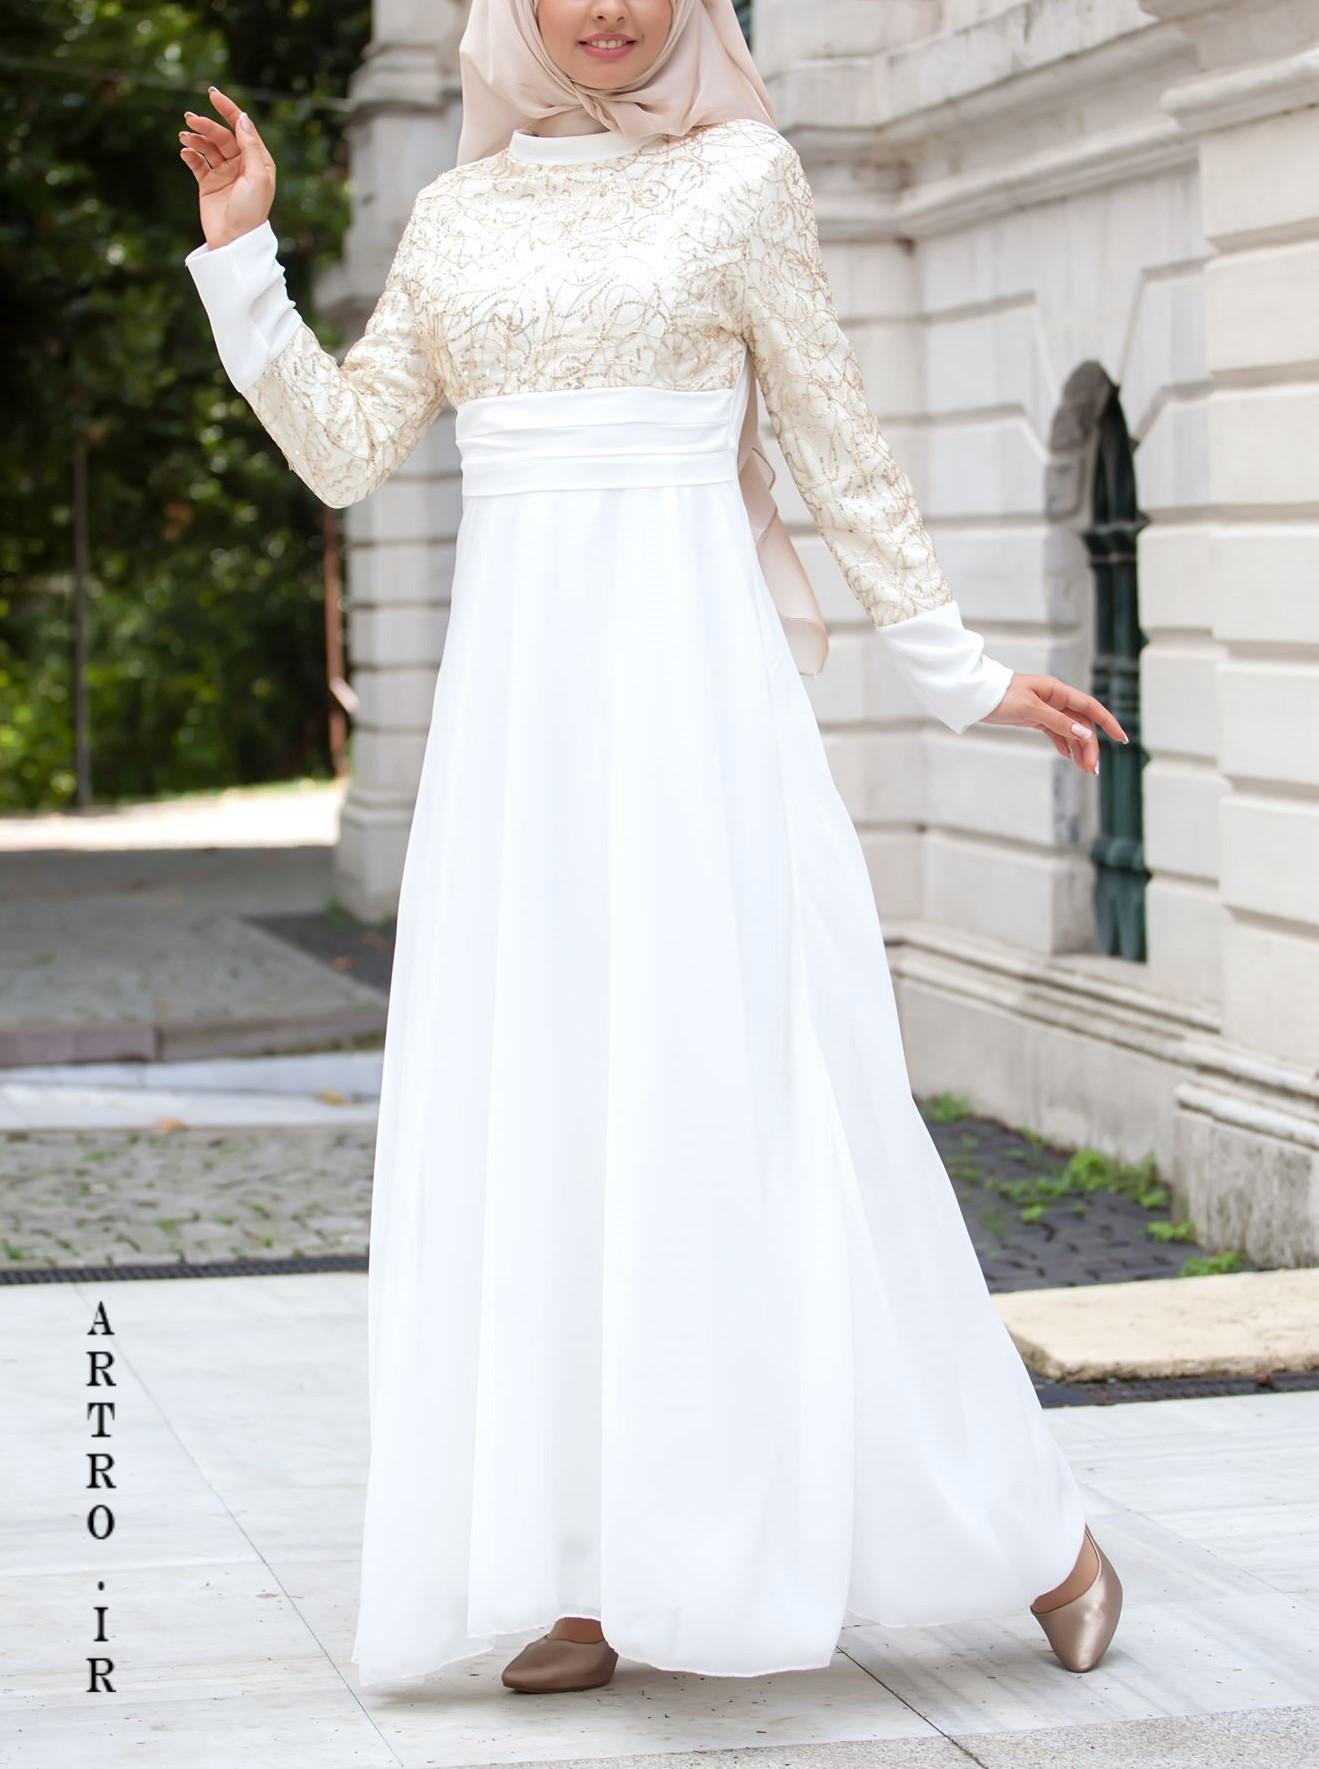 مدل های جدید لباس عروس با حجاب